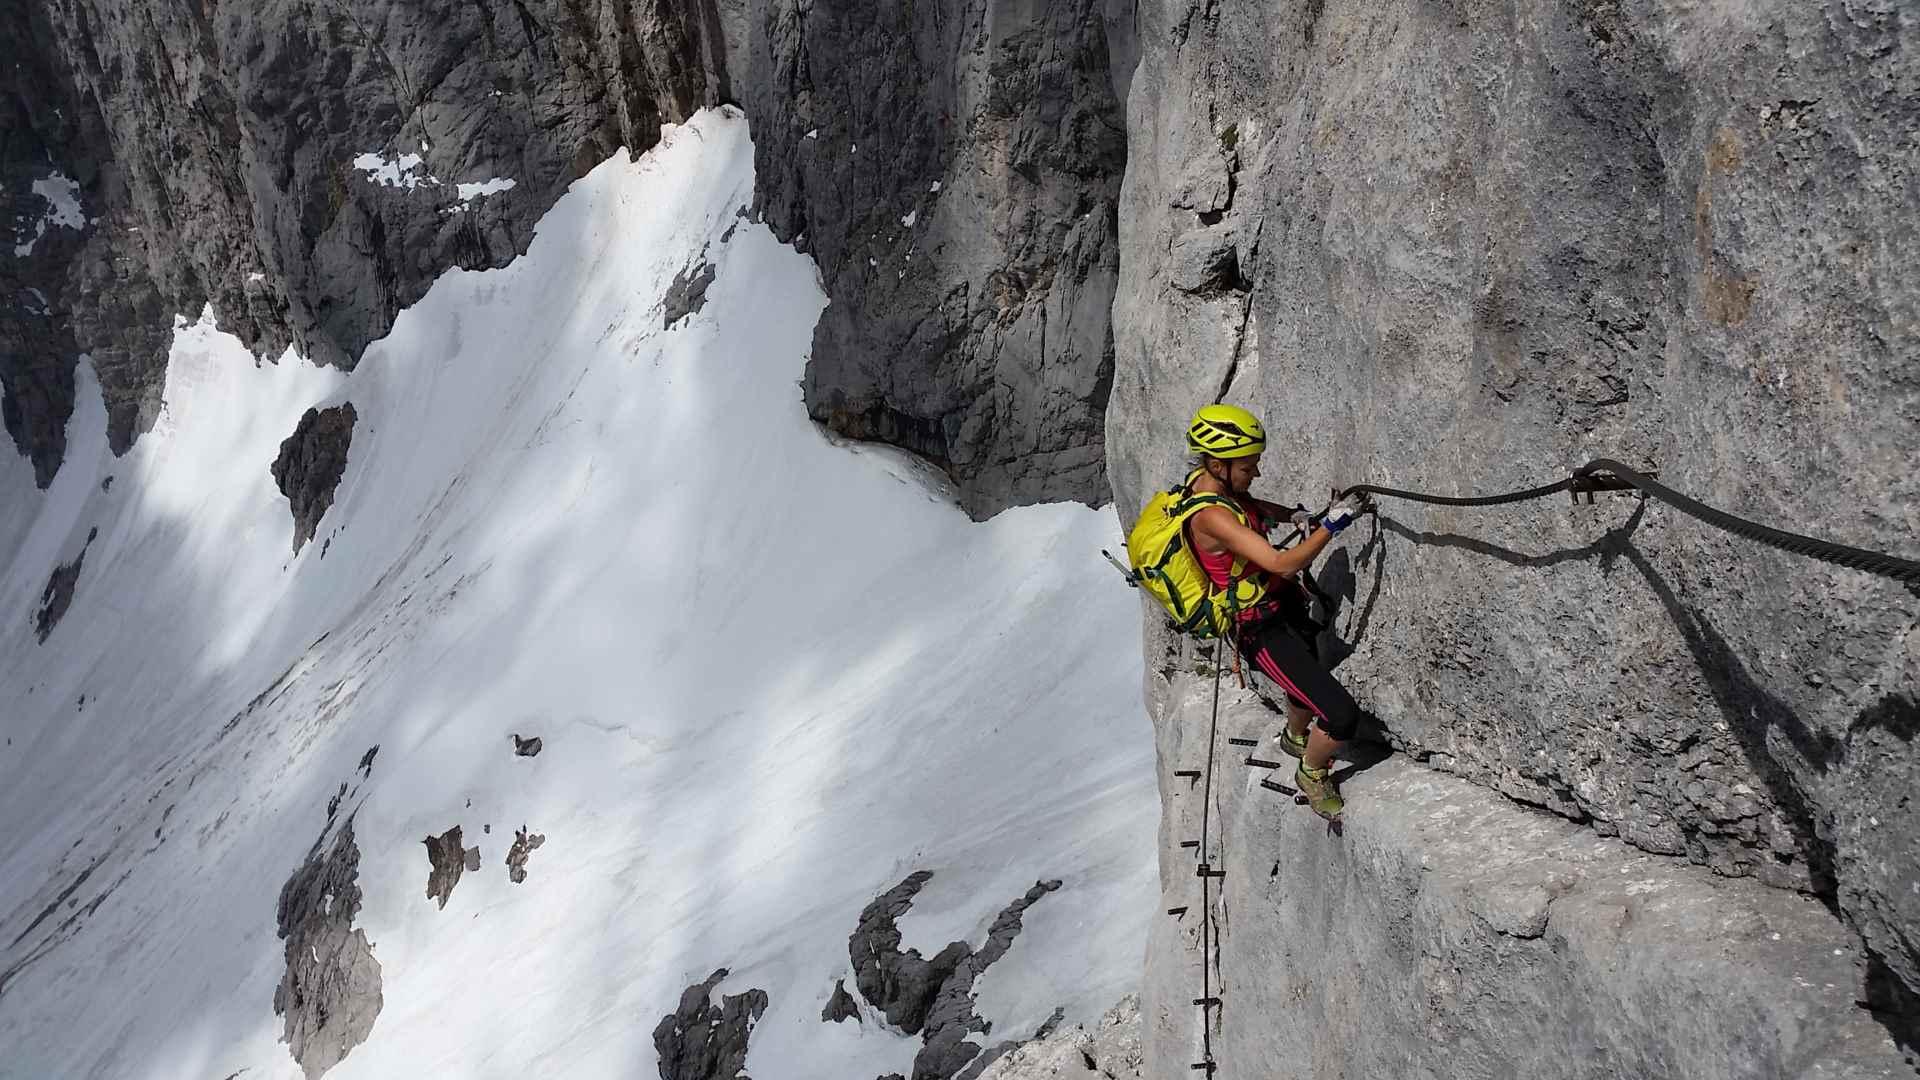 Klettersteig Postalmklamm : Klettersteige im salzburgerland magazin